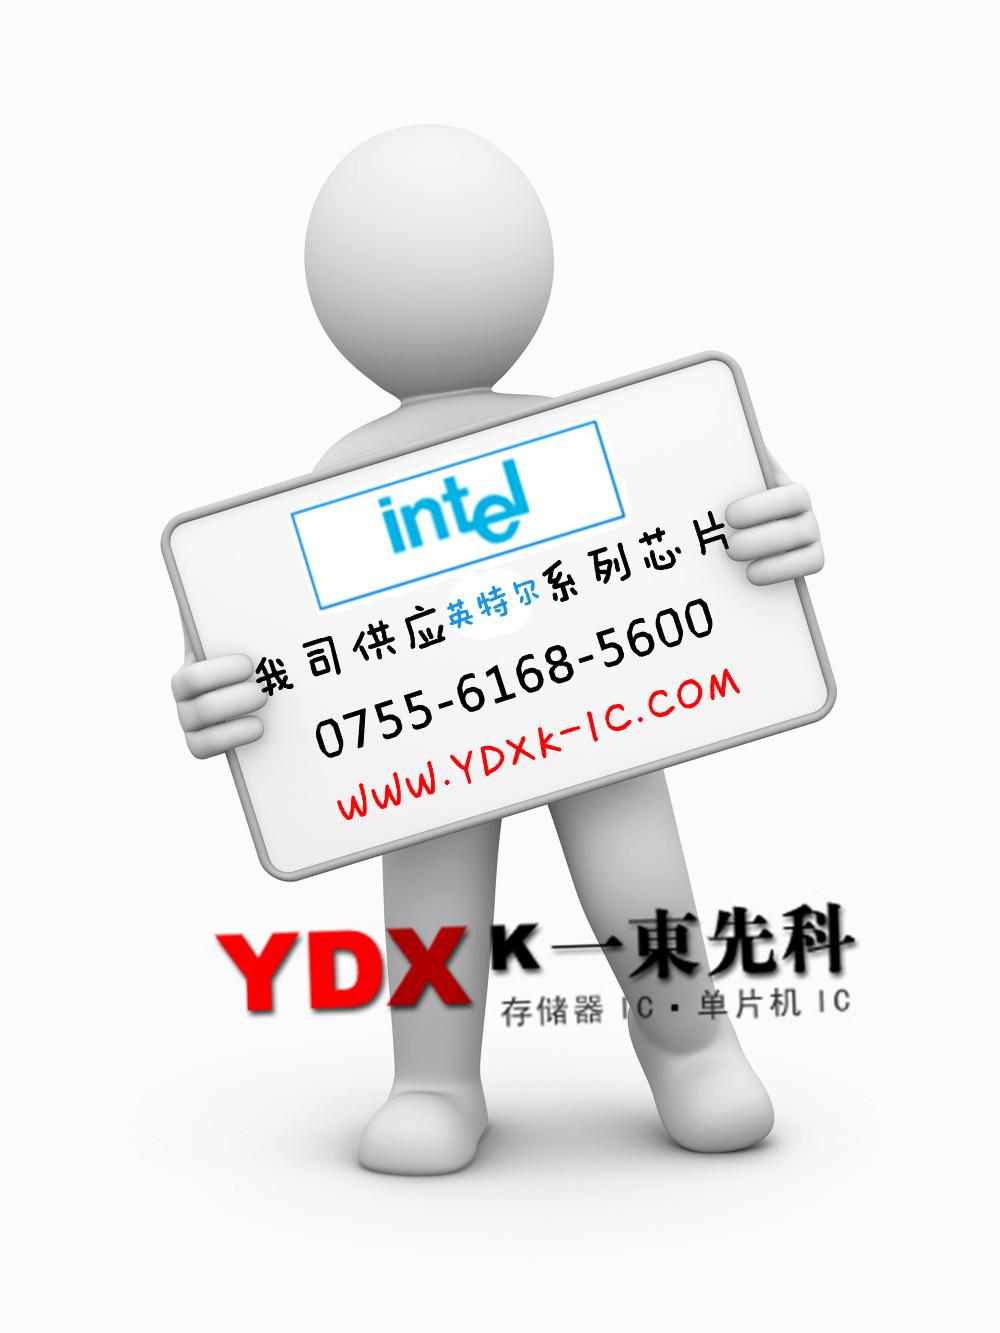 存储器,可编程逻辑器件】属性 本站价格: 用途:集成电路ic 规格:0